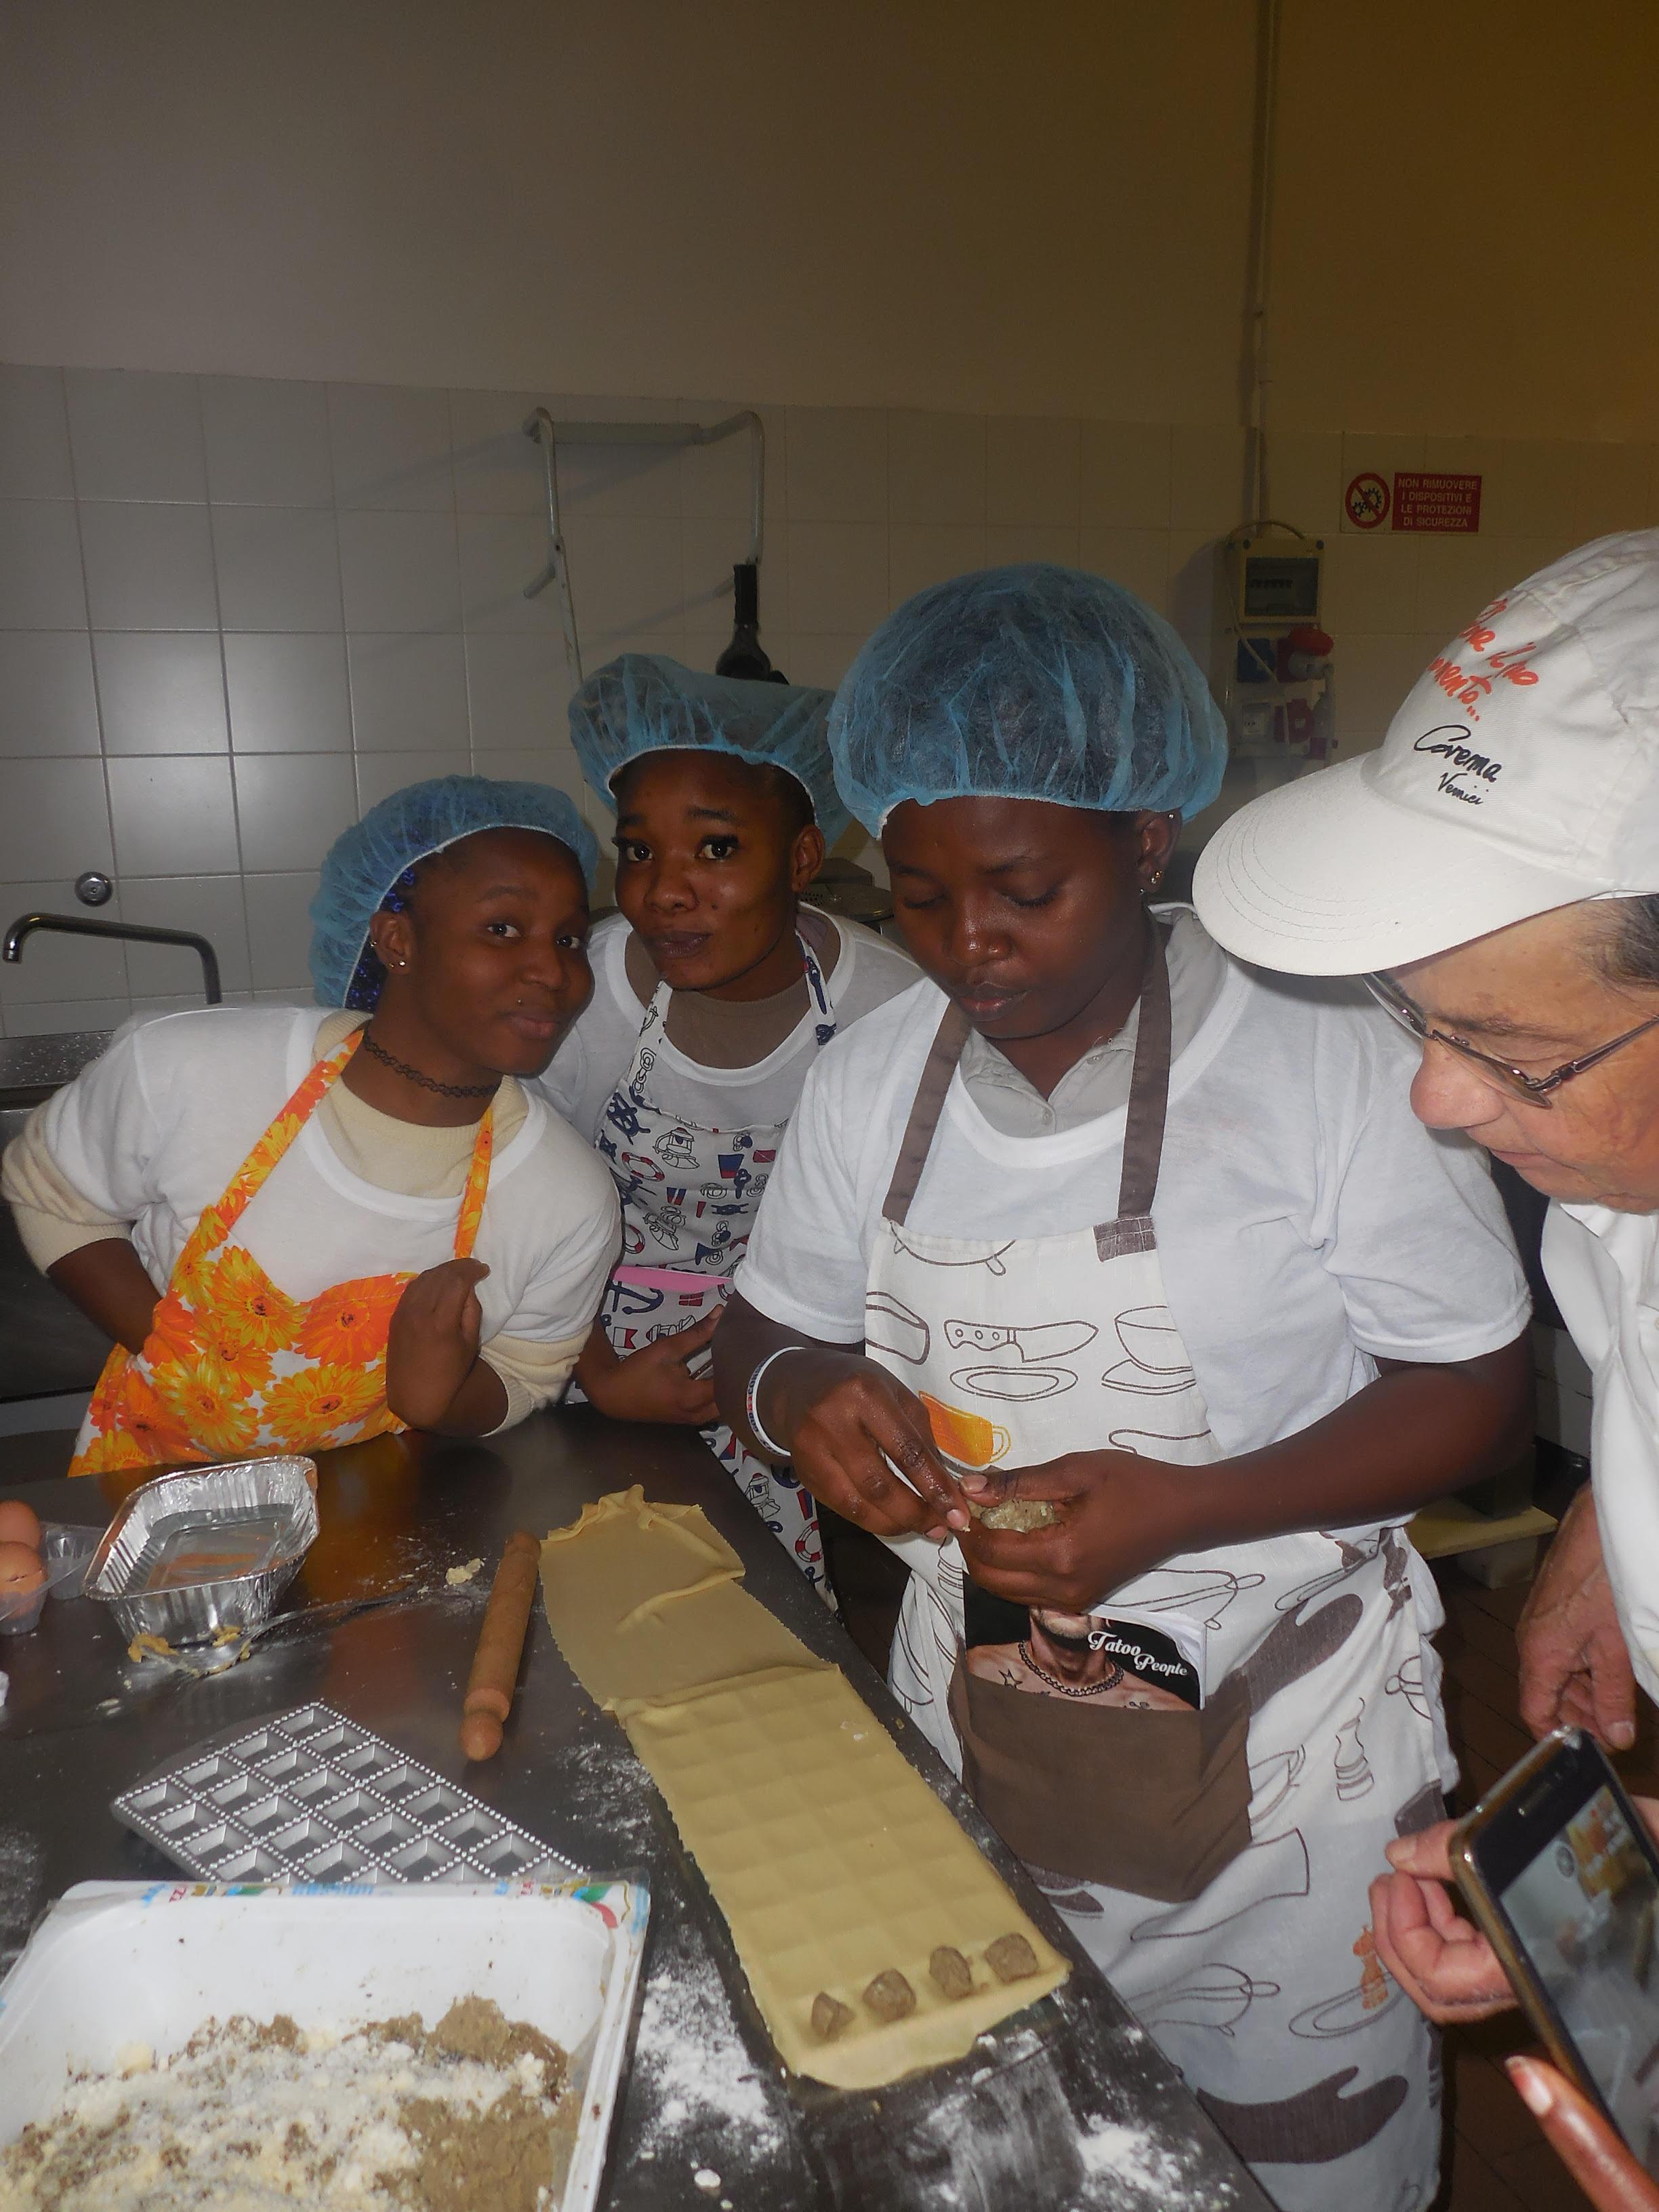 Incontro conclusivo del laboratorio occupazionale per aiuto cuoca organizzato da Piam e Al Volo